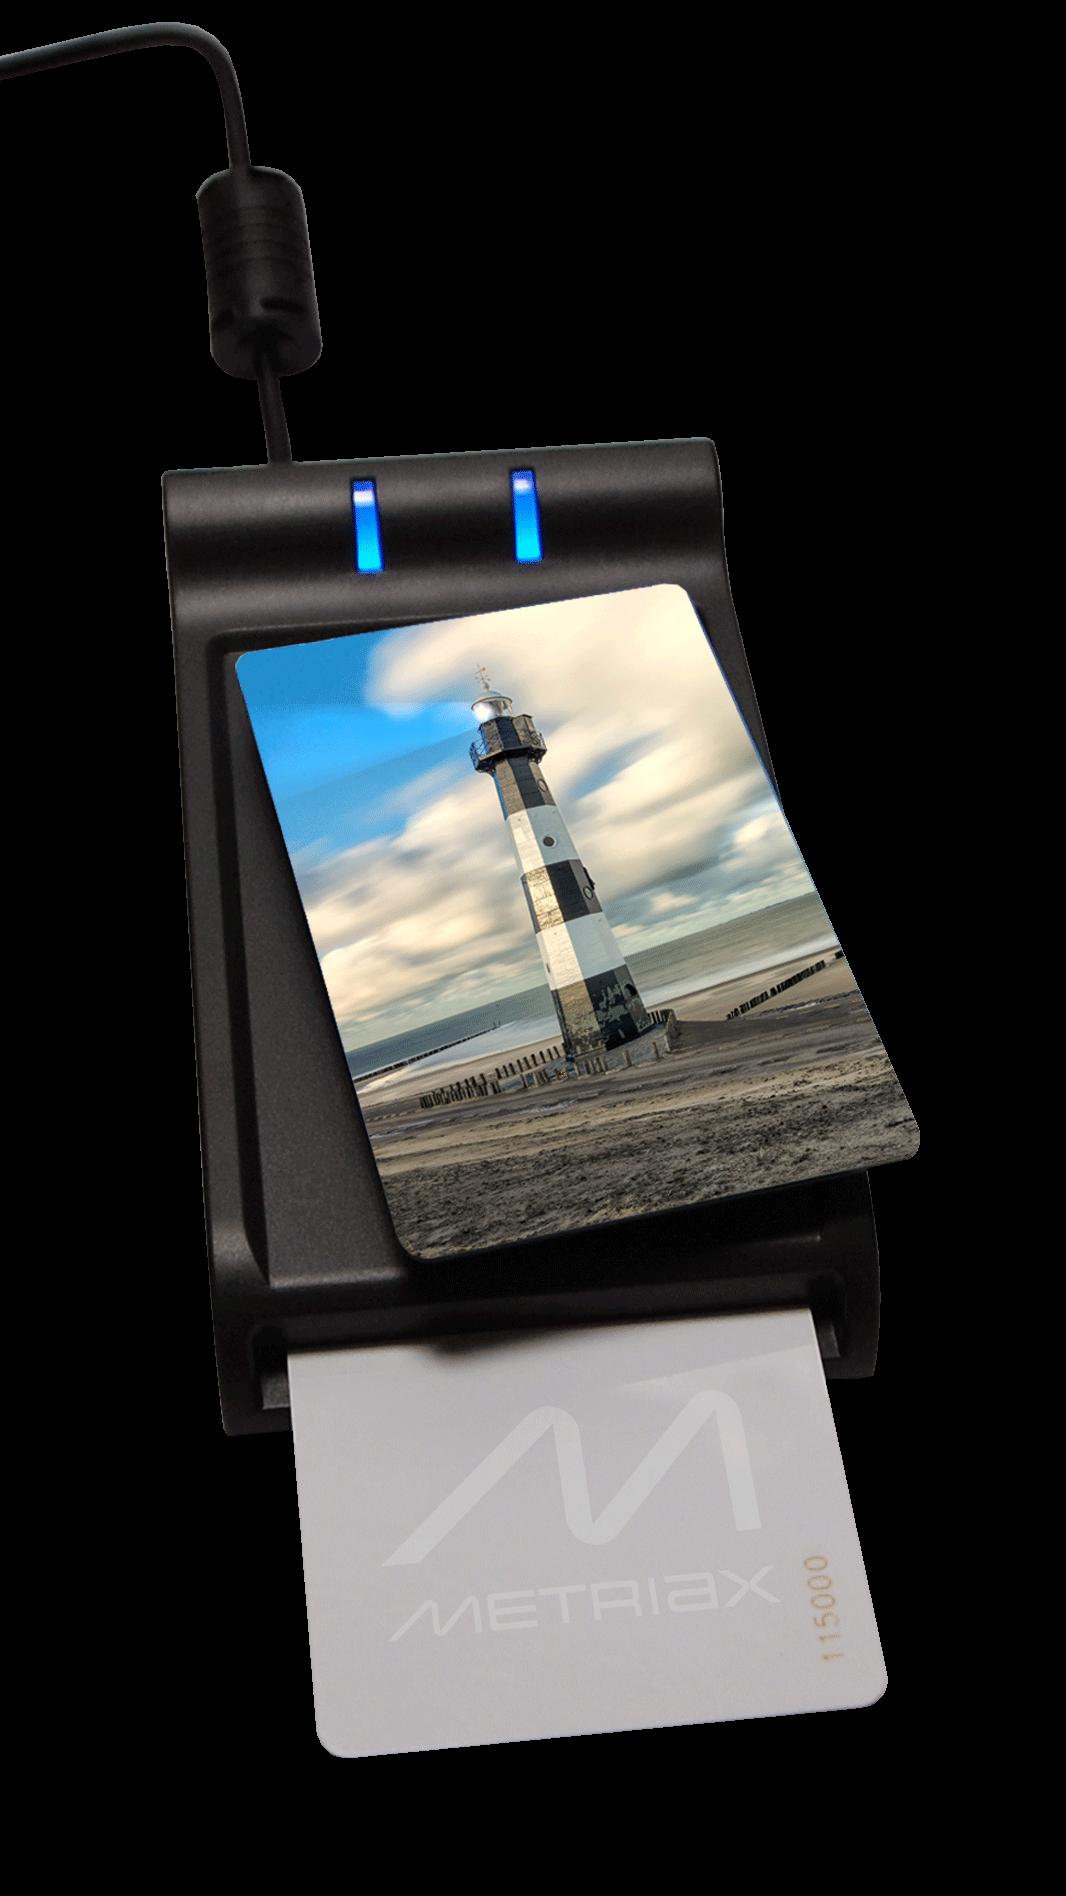 Metriax-MDE 620-RFID-NFC-Tischleser-Desktopleser-Chipkarten-Kontaktlos-Dualleser-ISO 14443-ISO7816-HID Leser-PC/SC-Mifare-ISO18092